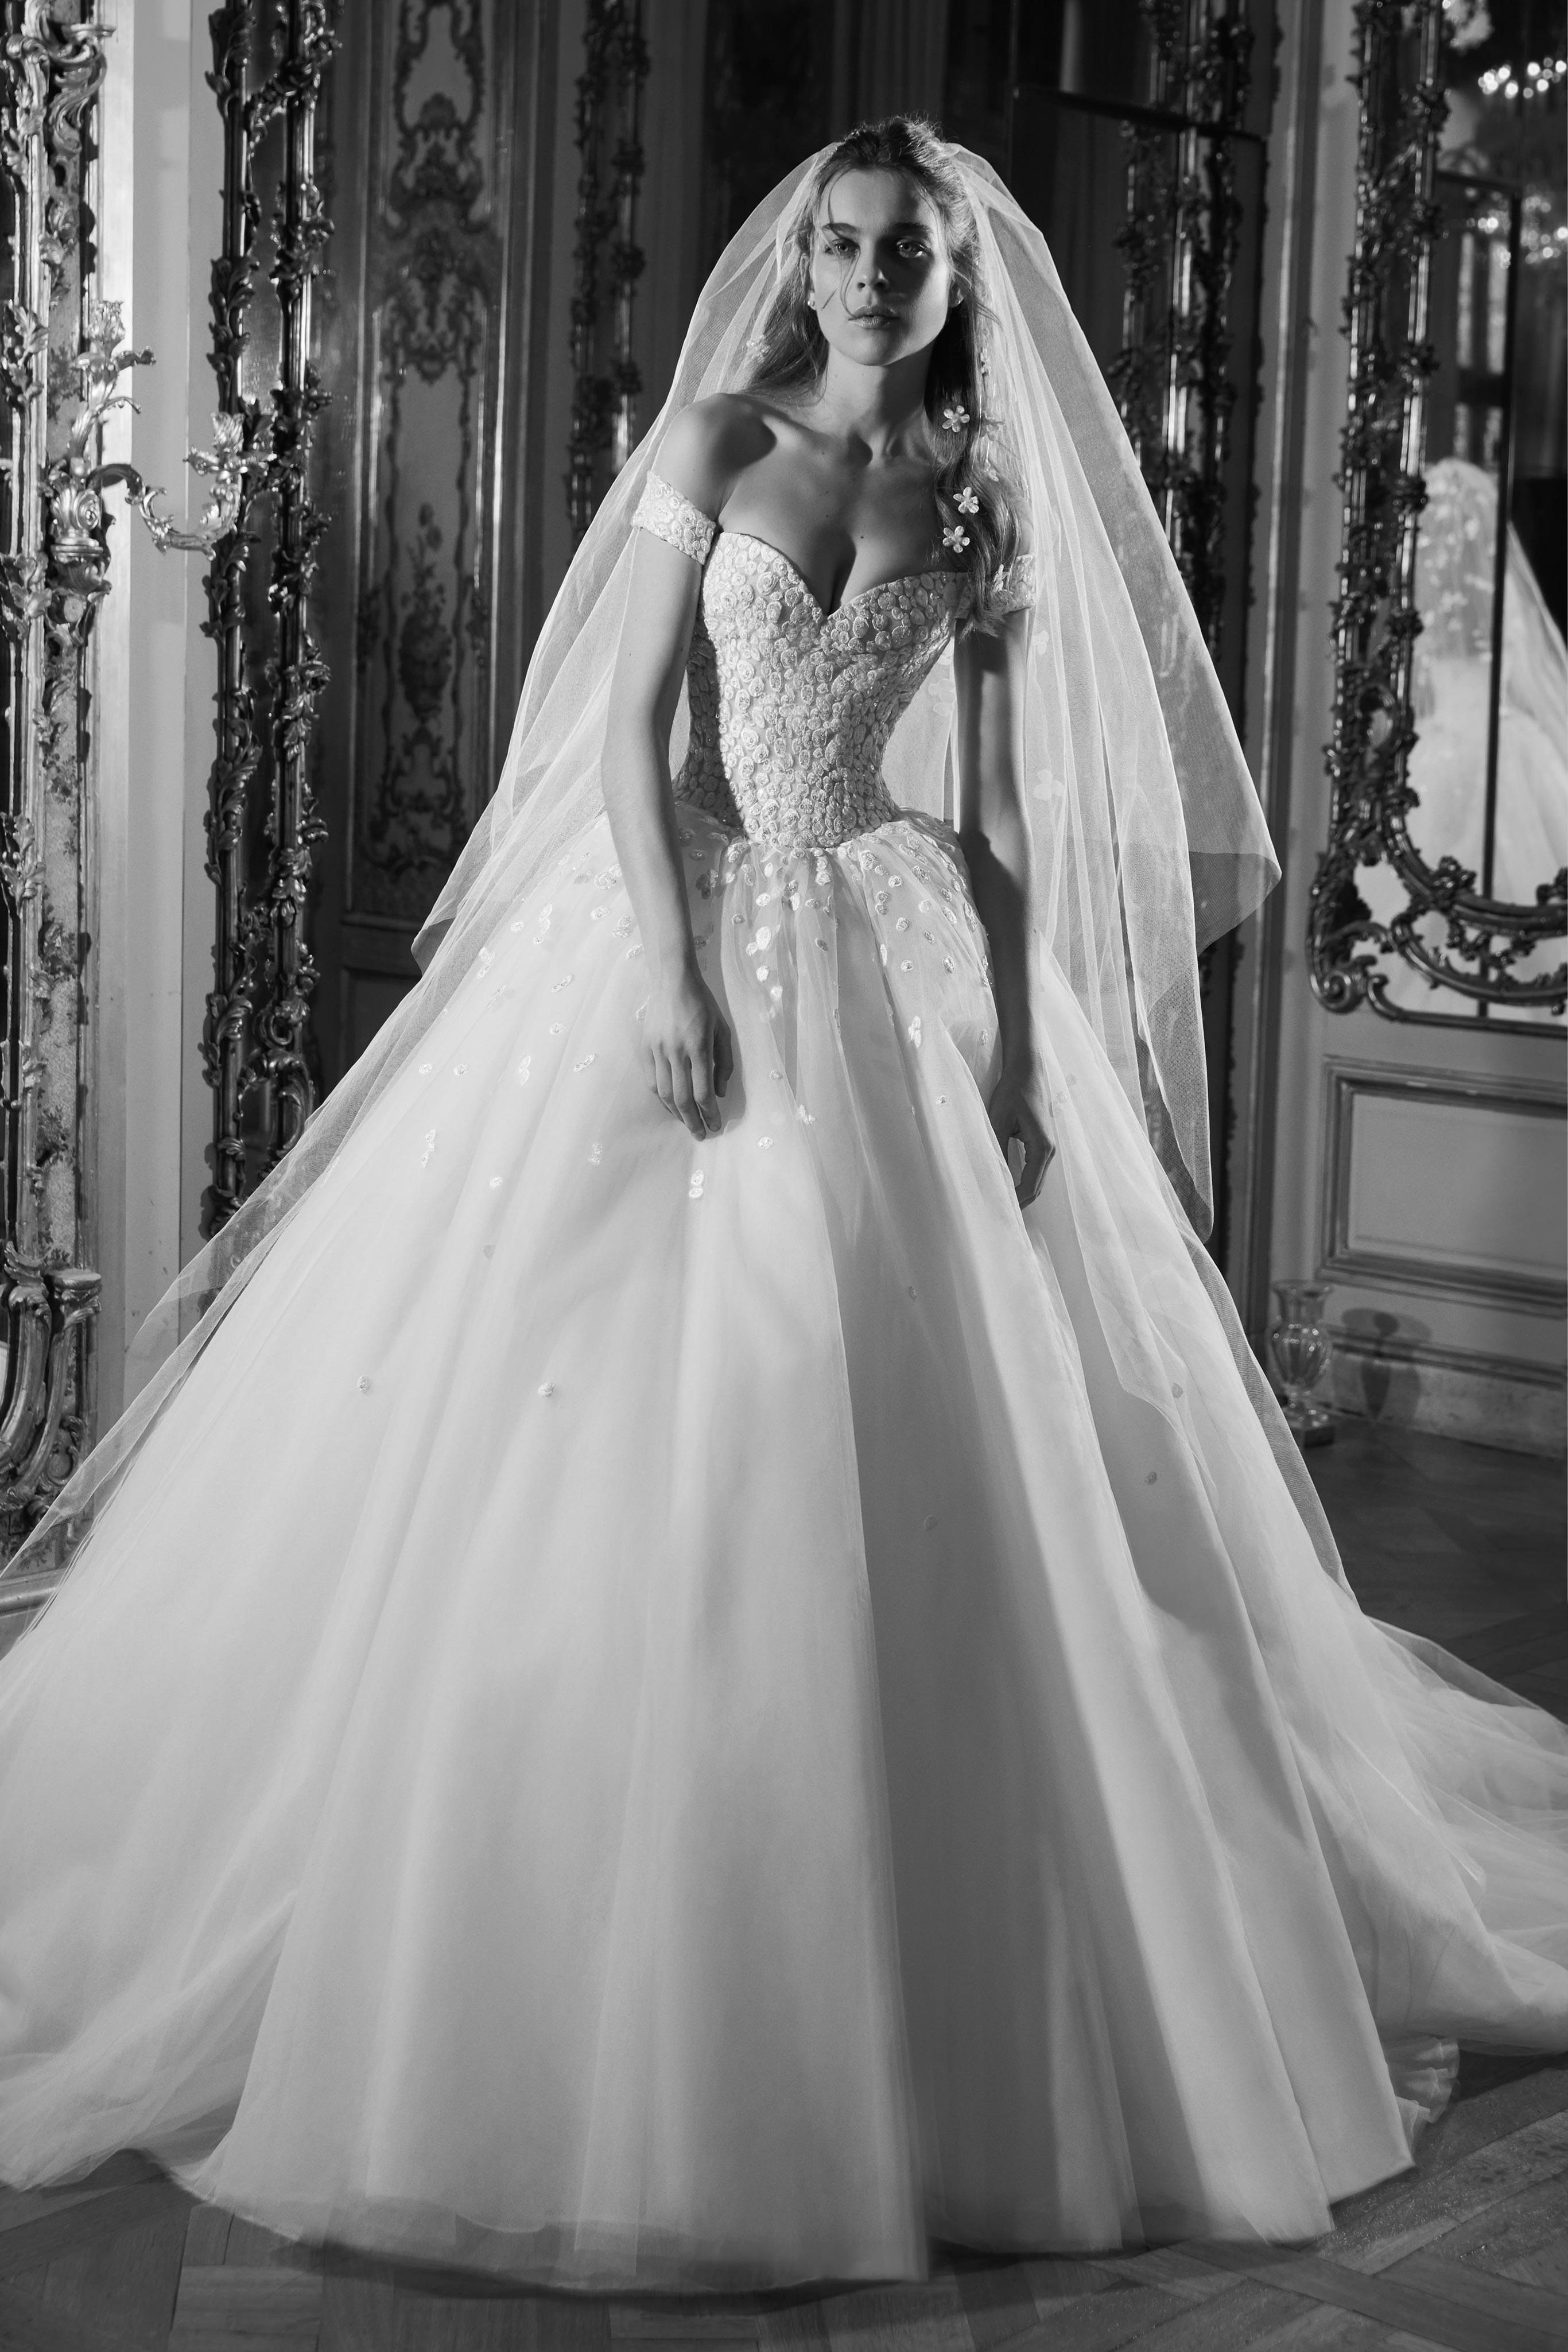 fff1dd49a0d8b بالصور اجمل فساتين الخطوبة والزفاف لعام 2019